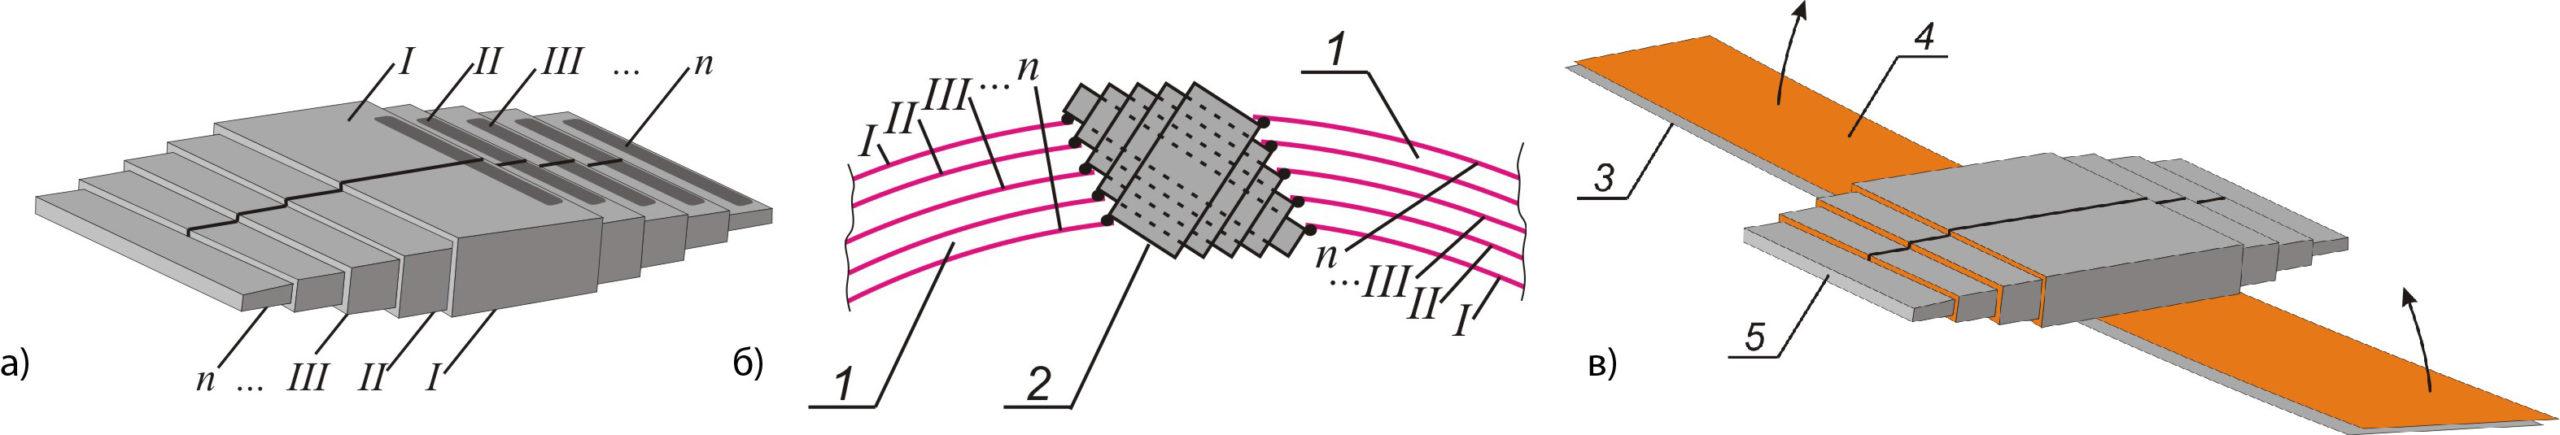 Схематическое изображение инвертора слоев многослойной ферромагнитной ленты, встраиваемого в стержень-обмотку MTS в процессе его намотки (числа I, II, III, …, n указывают на номер слоя ленты